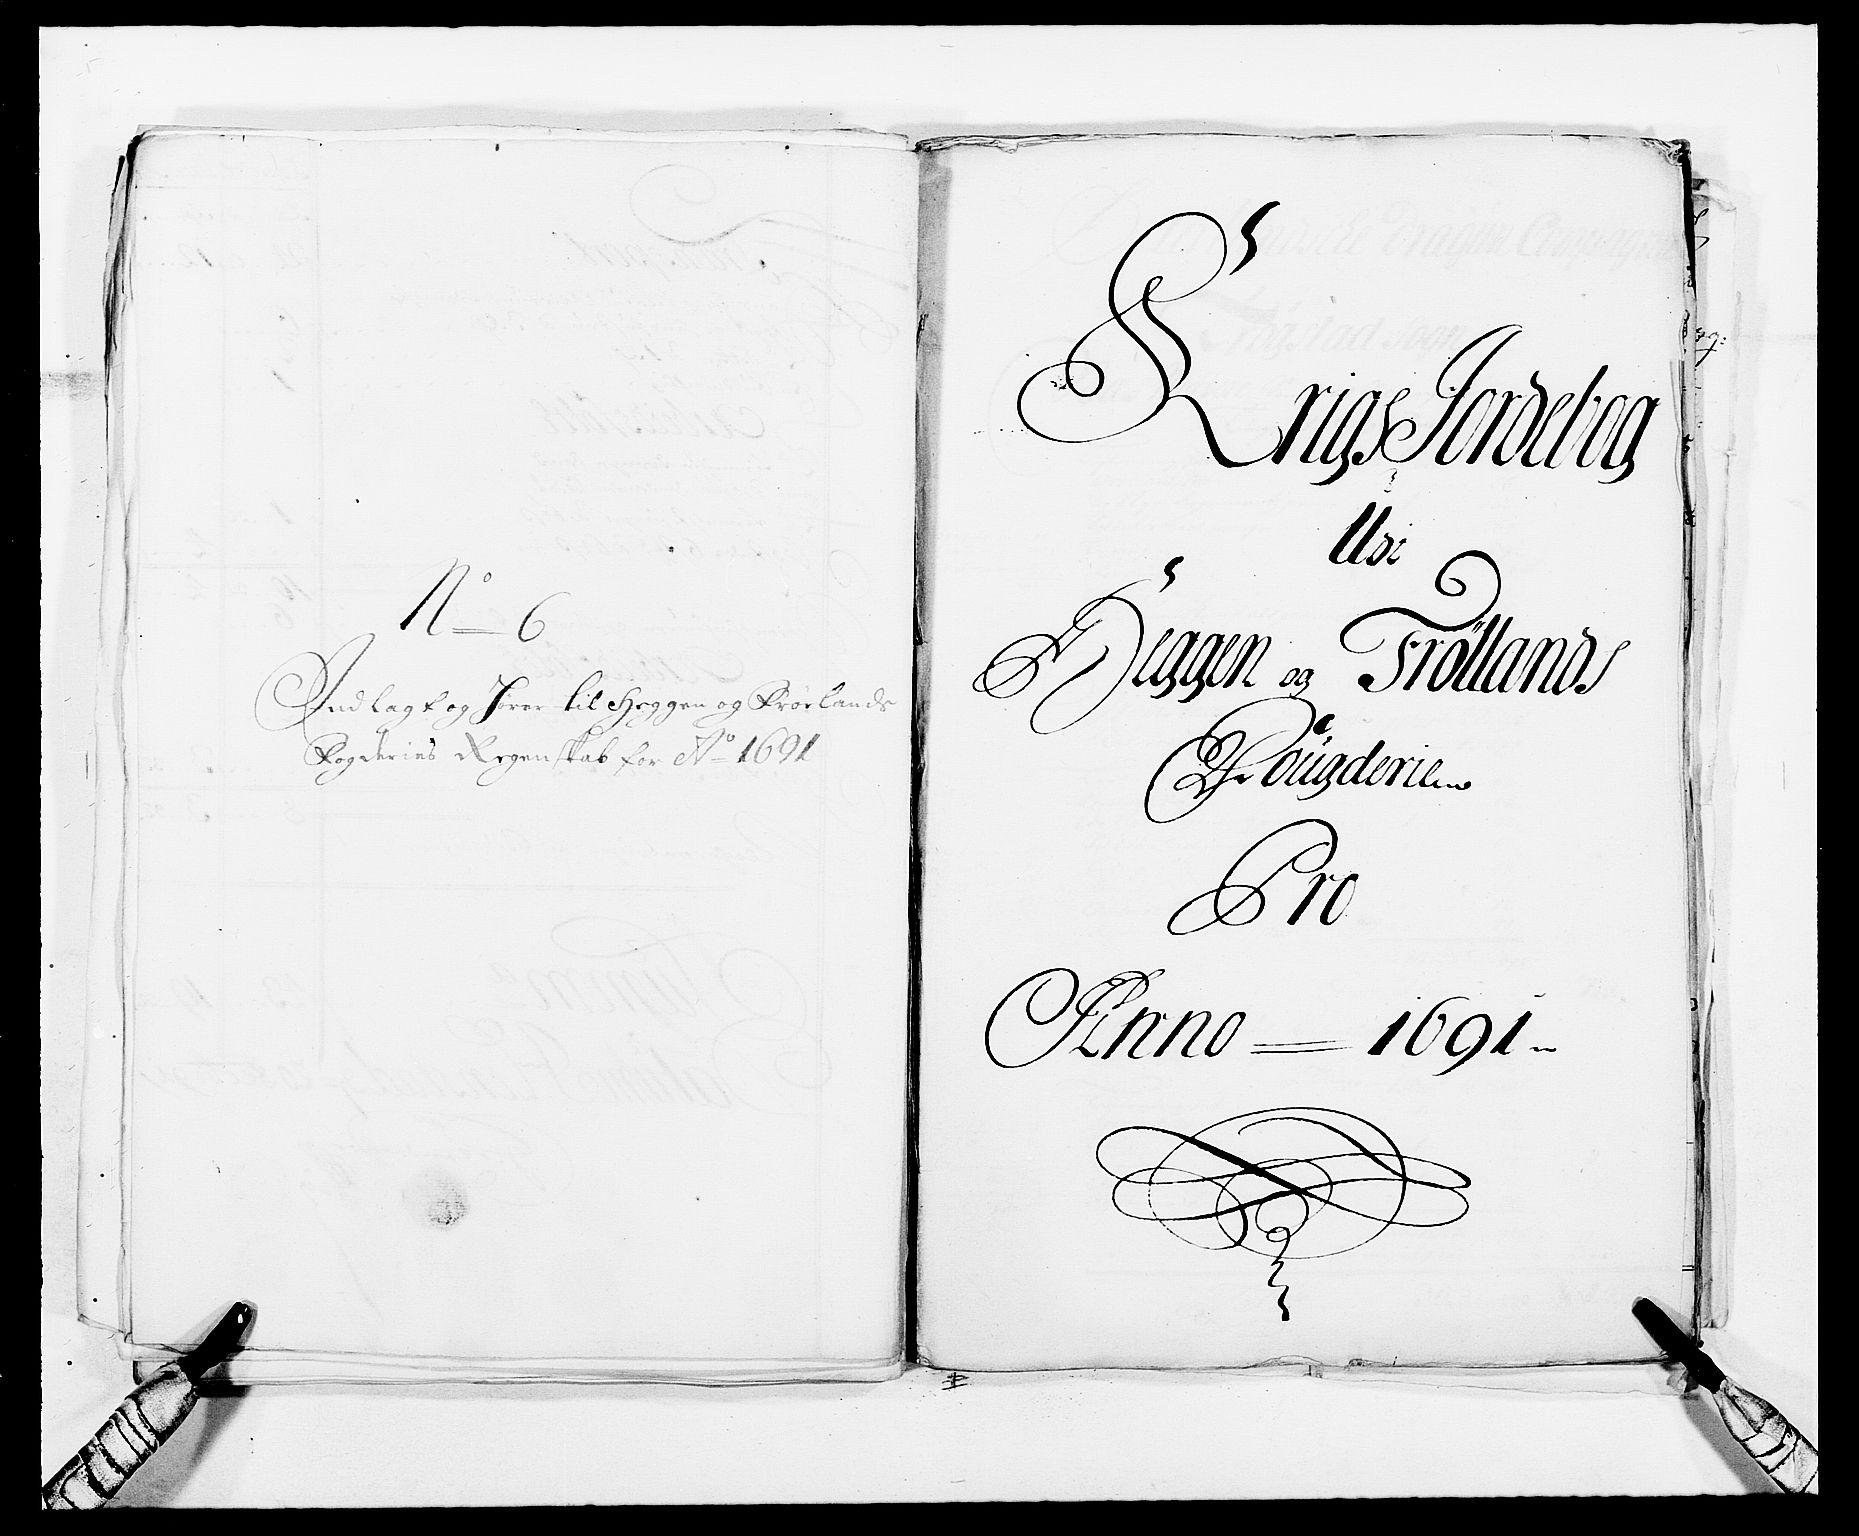 RA, Rentekammeret inntil 1814, Reviderte regnskaper, Fogderegnskap, R06/L0283: Fogderegnskap Heggen og Frøland, 1691-1693, s. 74